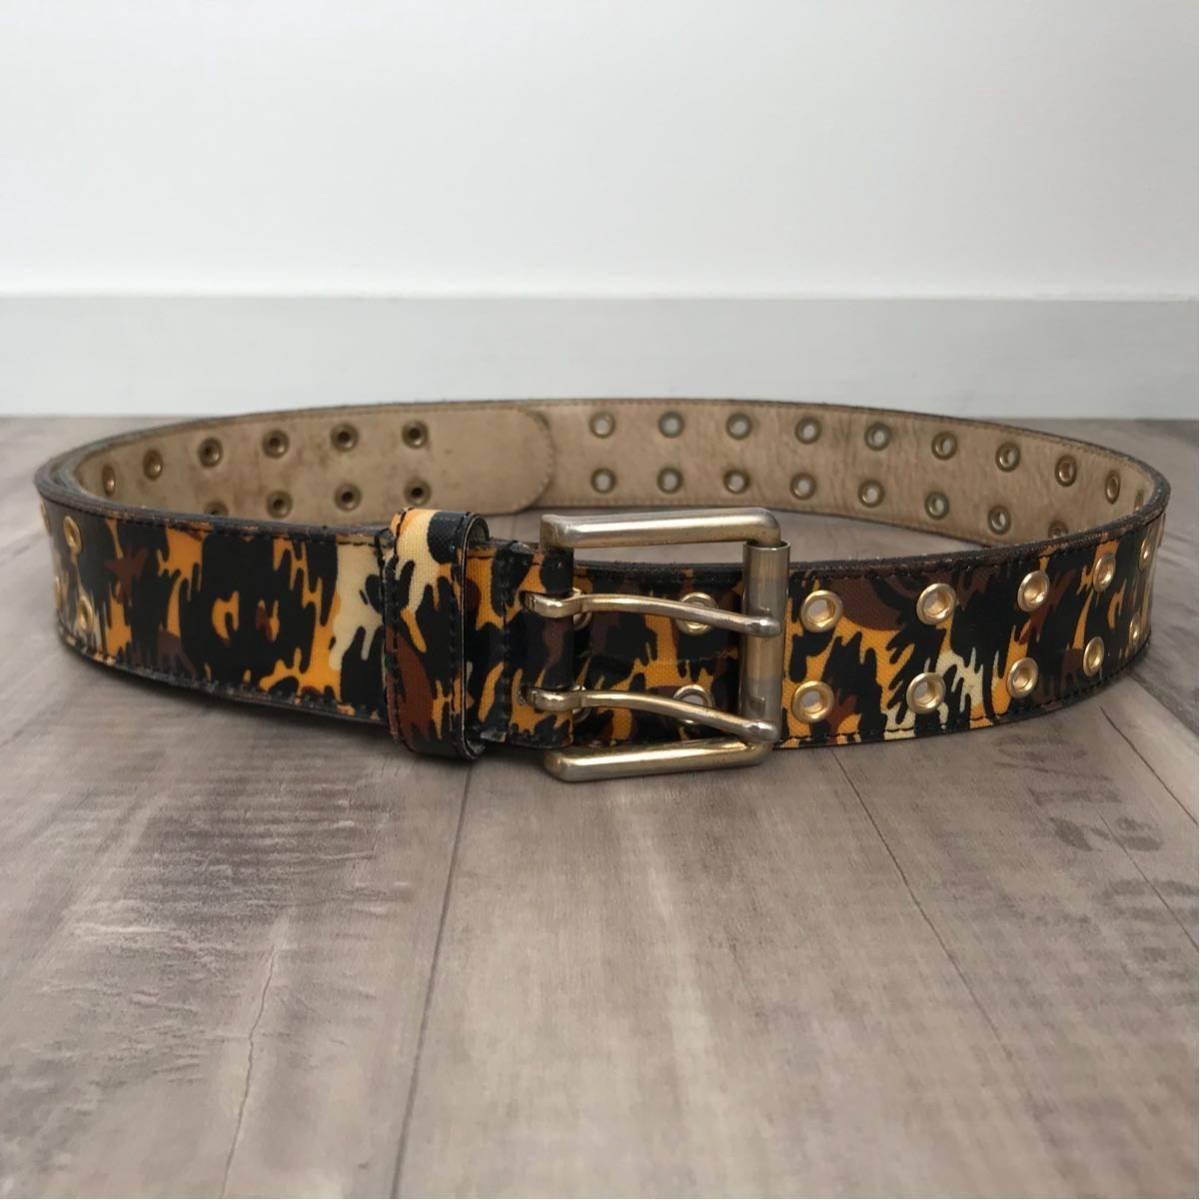 レオパードカモ gold バックル ベルト Lサイズ a bathing ape BAPE belt Leopard camo エイプ ベイプ アベイシングエイプ ヒョウ柄 豹柄